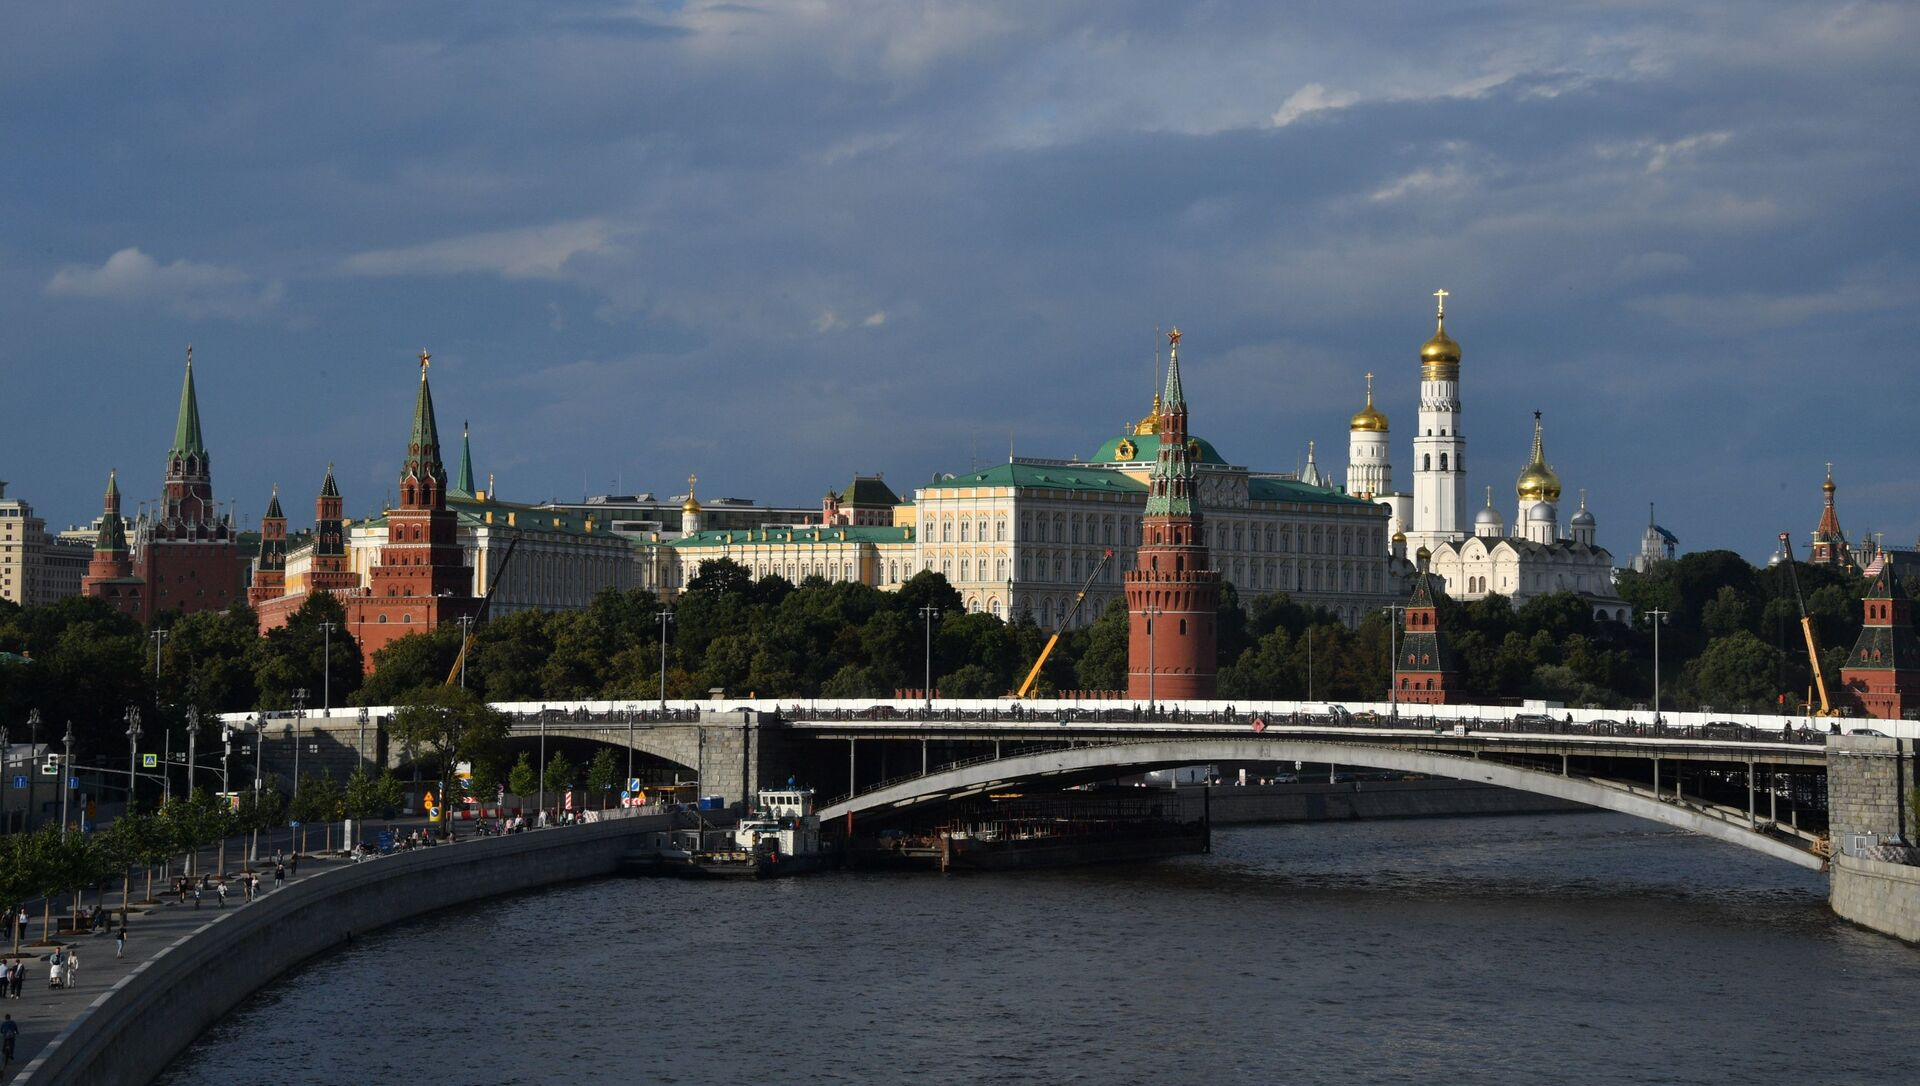 Поглед на Камени мост и Кремљ у Москви - Sputnik Србија, 1920, 05.04.2021